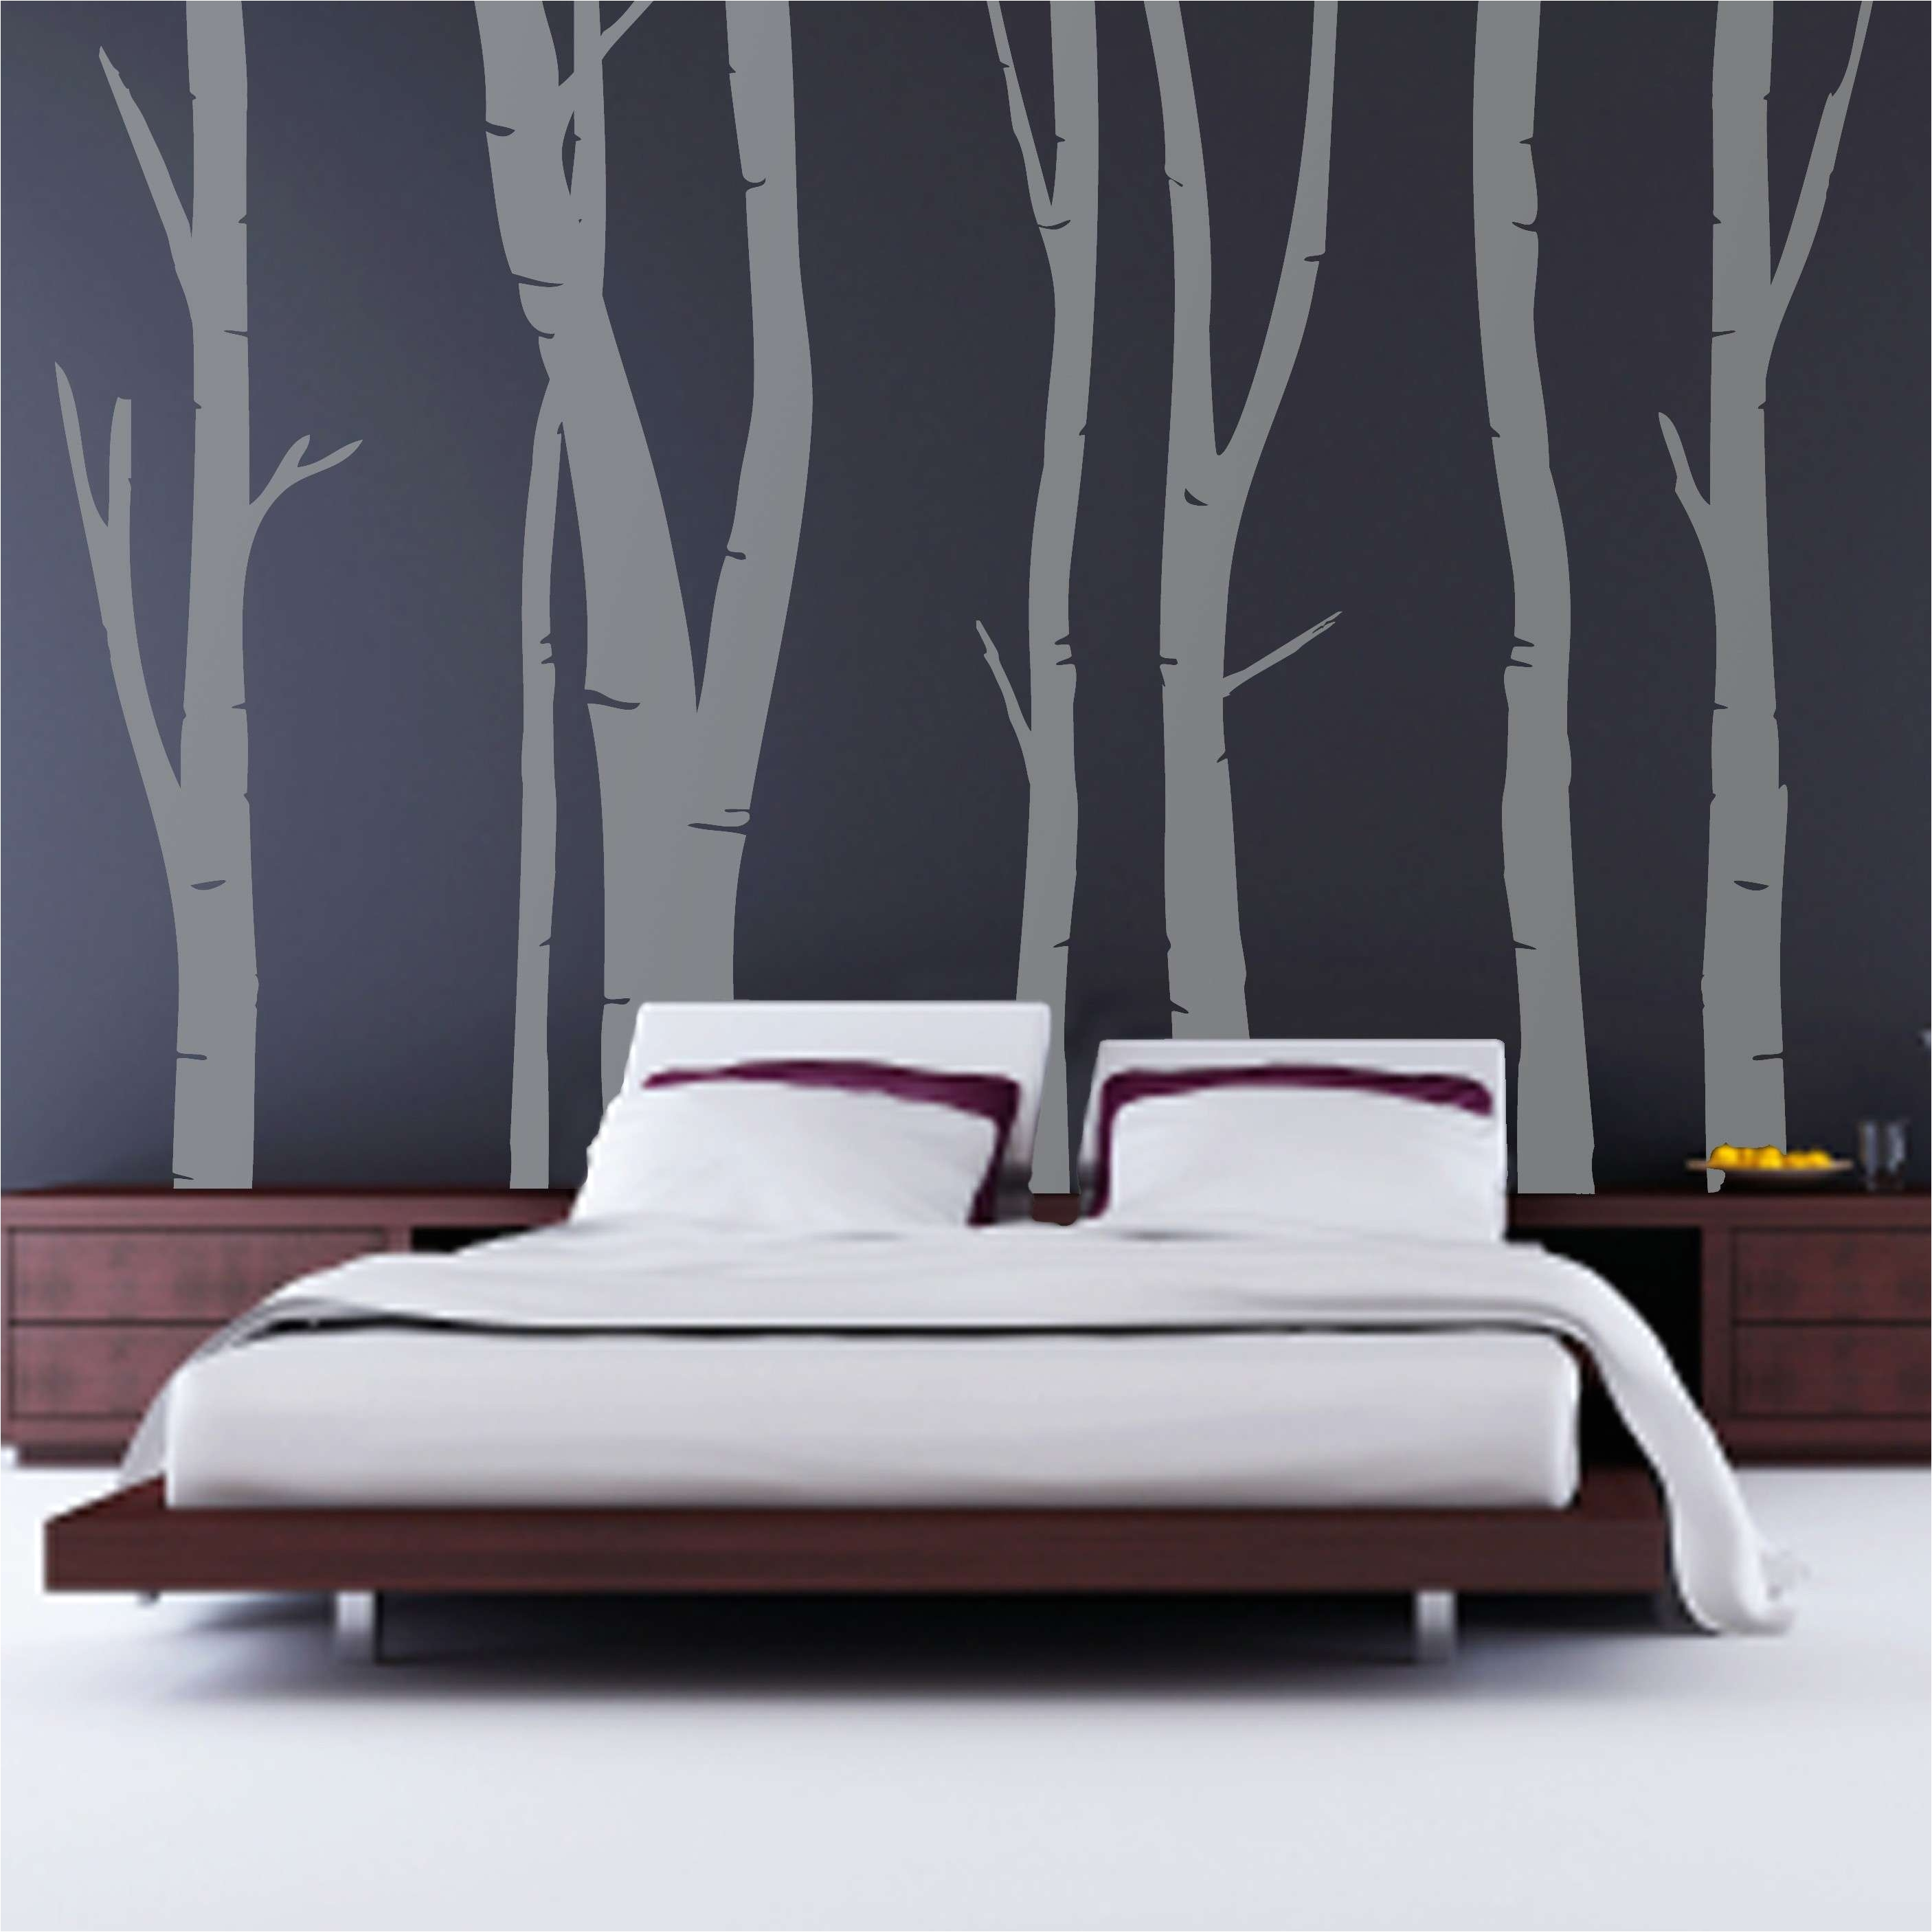 gray bedroom decor unique wall decals for bedroom unique 1 kirkland wall decor home design 0d